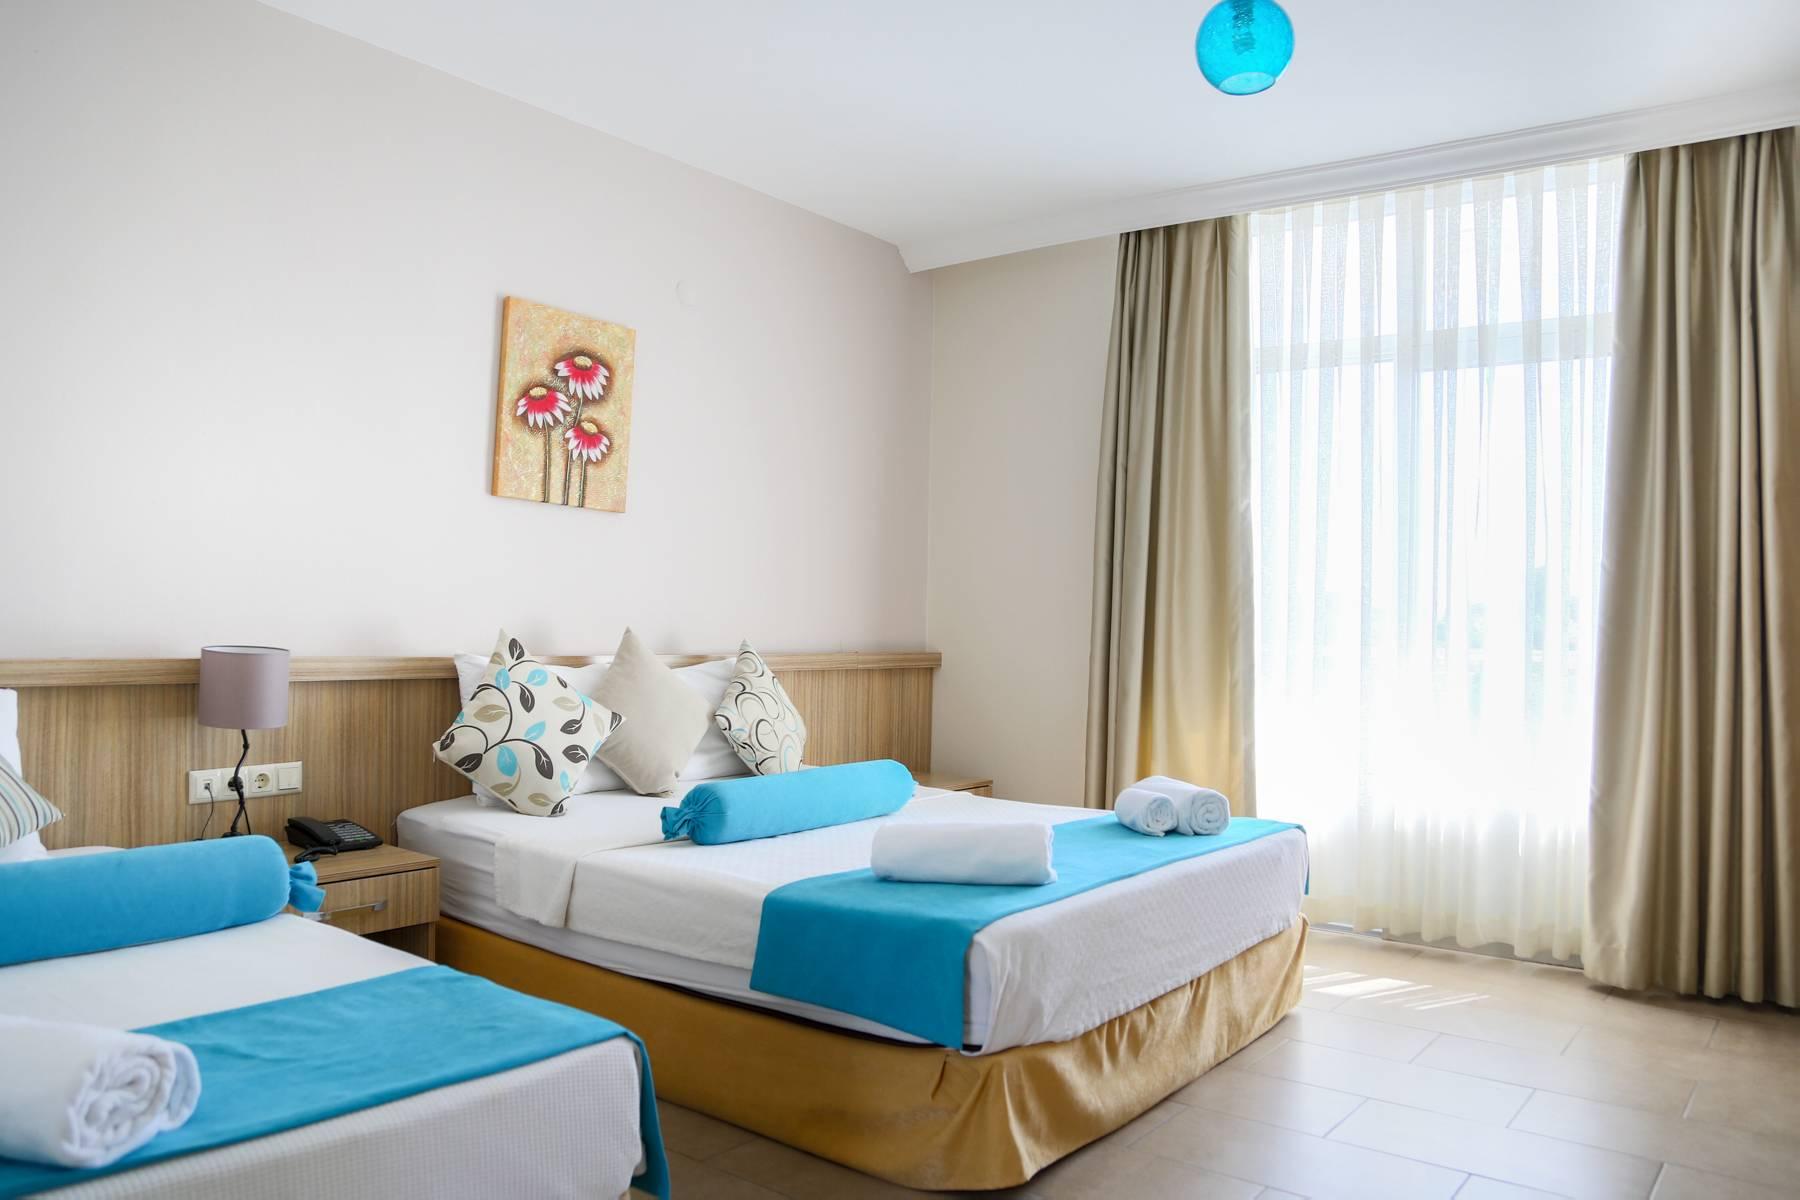 Letovanje Turska autobusom, Kusadasi, Hotel Ponz,soba